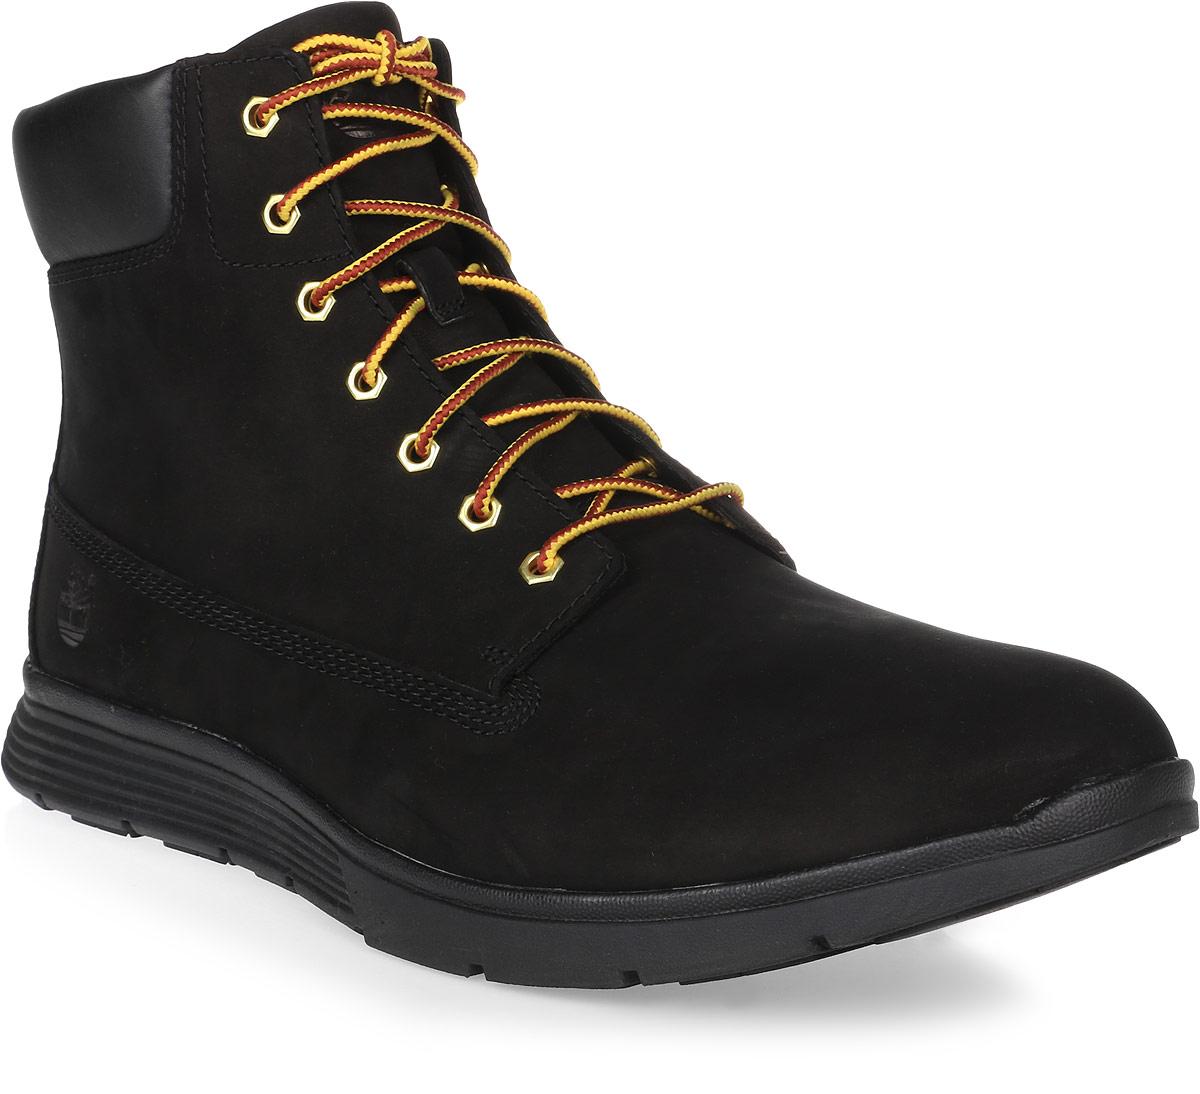 Ботинки мужские Timberland Killington 6 Boot, цвет: черный. TBLA19URW. Размер 7,5 (40)TBLA19URWСтильные мужские ботинки 6 Boot от Timberland заинтересуют вас своим дизайном с первого взгляда! Модель изготовлена из натурального нубука с эксклюзивной технологией Anti-Fatigue. Герметичная водонепроницаемая конструкция сохранит ноги сухими в любую погоду. Обувь оформлена сбоку и на язычке фирменным тиснением, вдоль ранта - крупной прострочкой. Классическая шнуровка прочно зафиксирует обувь на вашей ноге. Внутренняя поверхность из текстиля не натирает. Стелька из материала ЭВА с текстильной поверхностью комфортна при движении. Прочная подошва с рельефным протектором гарантирует отличное сцепление с любой поверхностью. Модные ботинки займут достойное место среди вашей коллекции обуви.